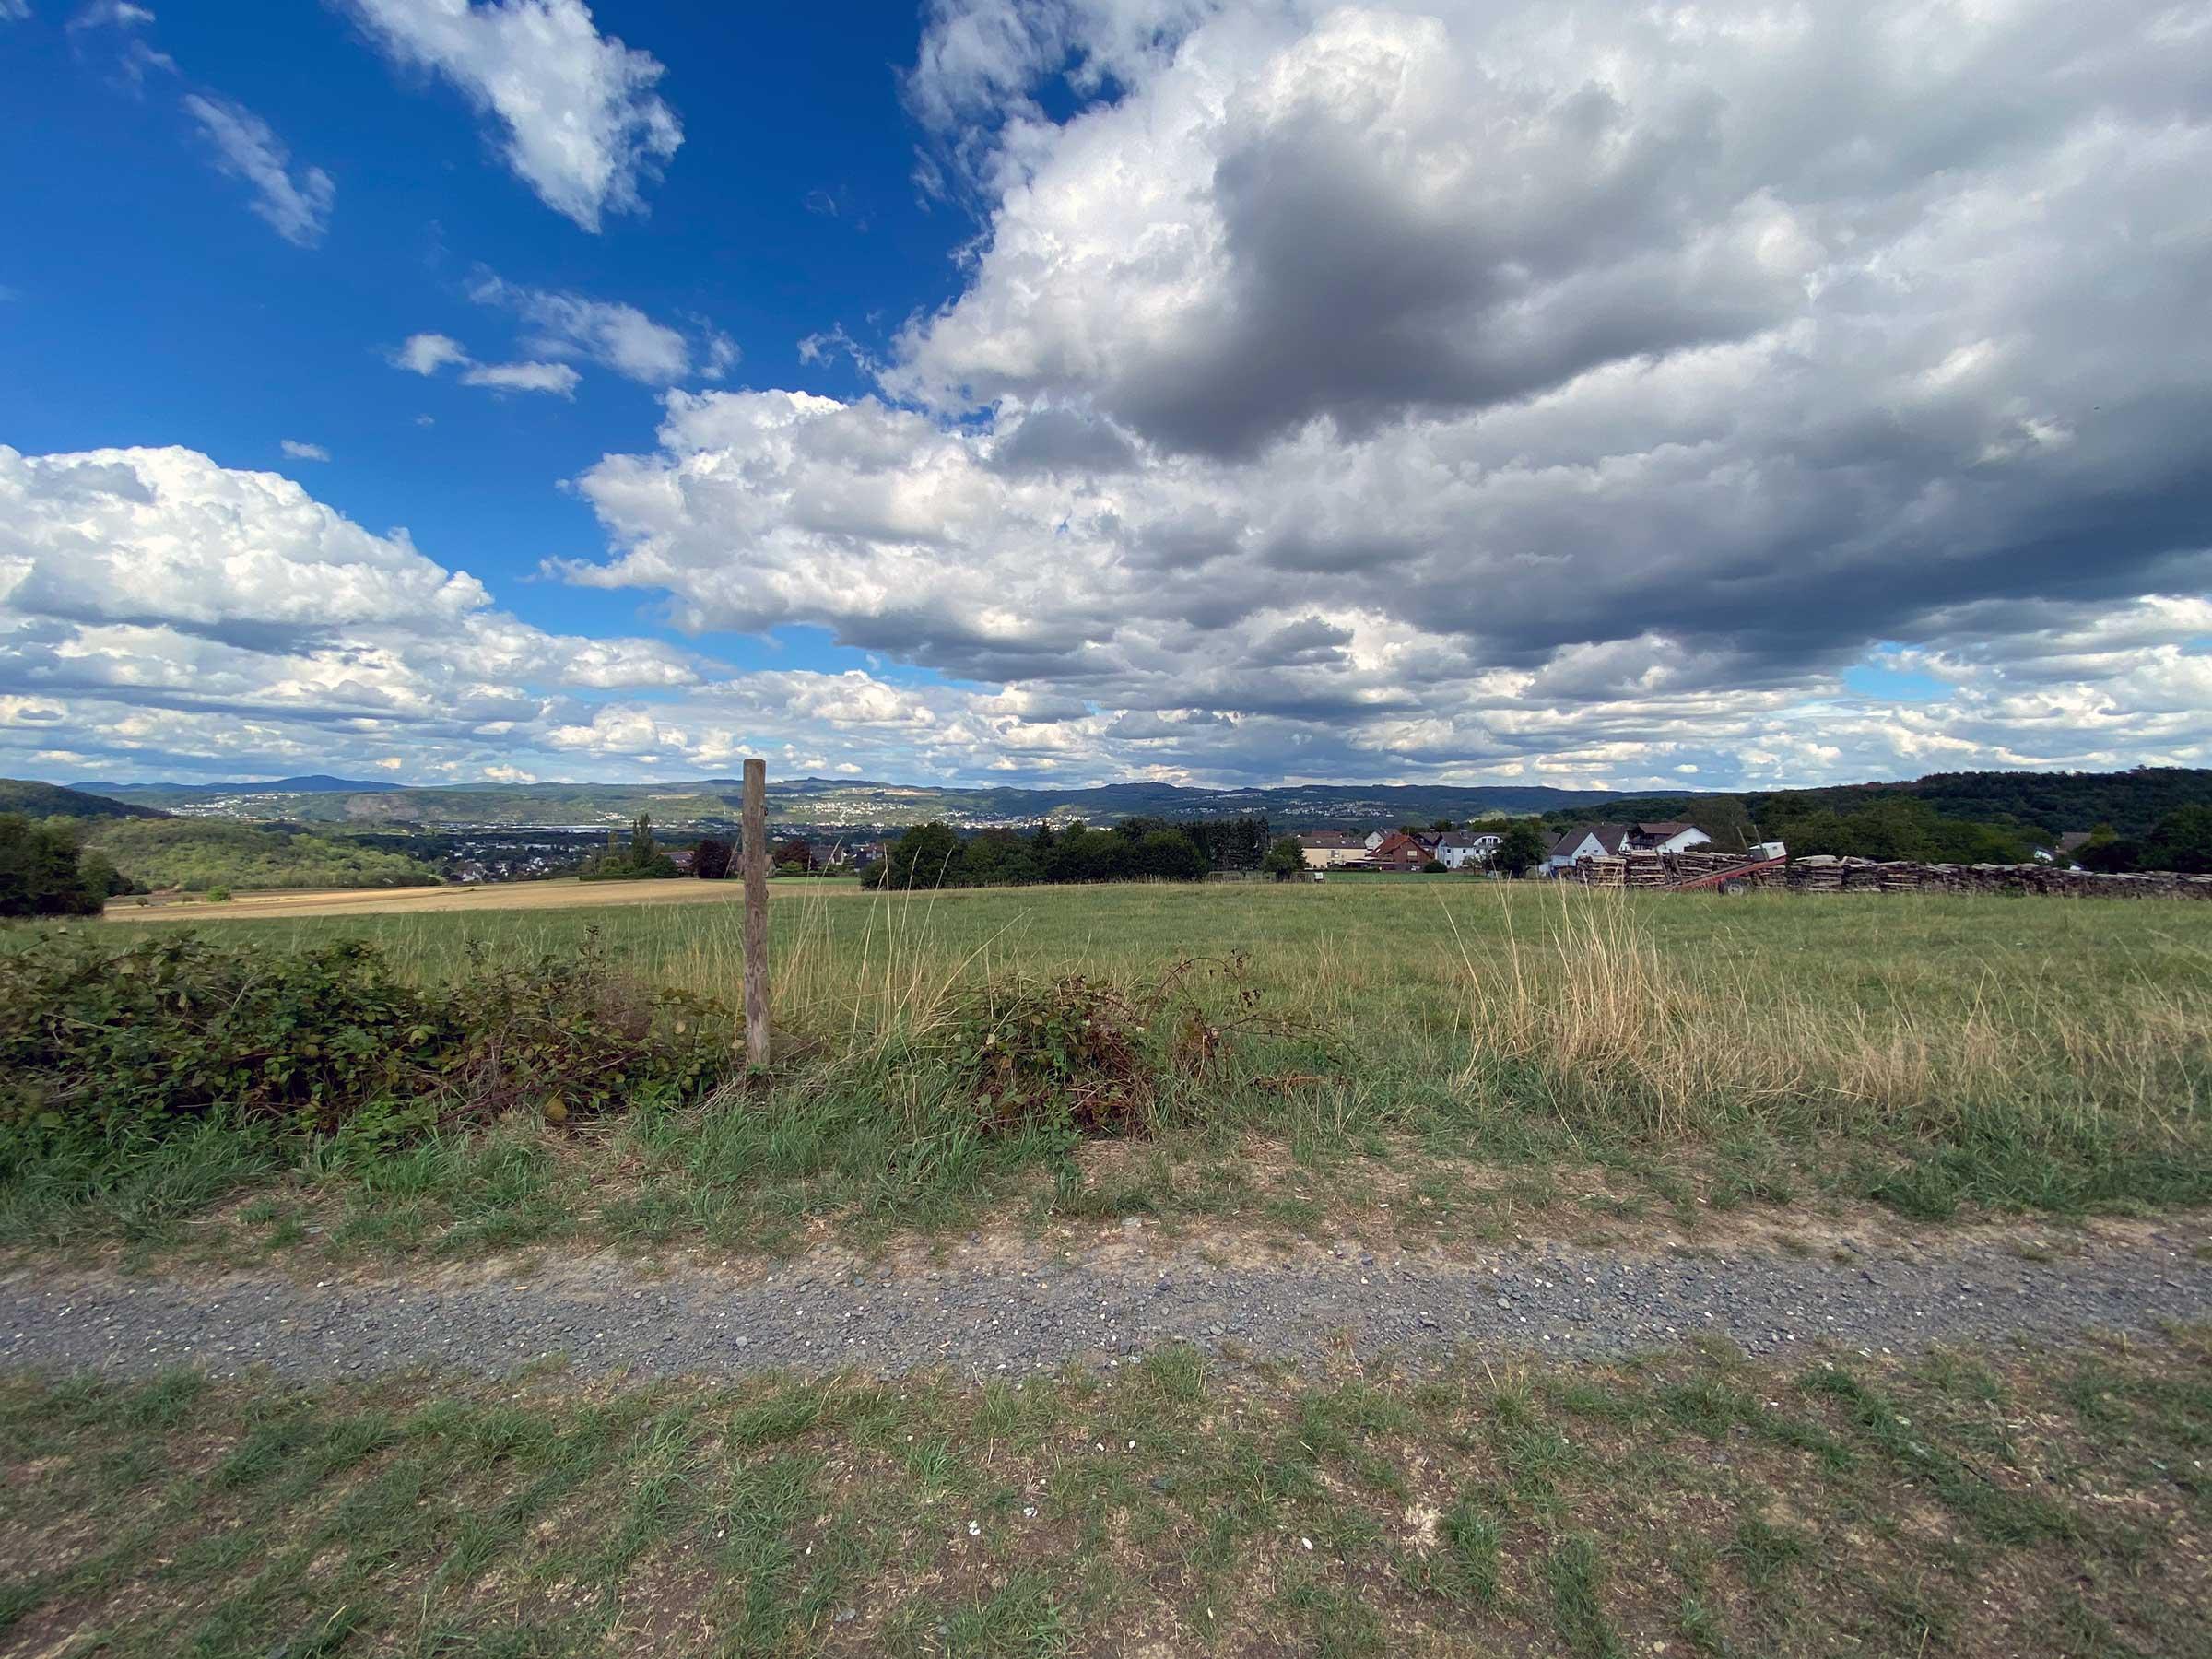 Eine Landschaftsaufnahme. Oben viel Himmel mit großen Wolken, unten viel Wiese auf einer hügeligen Landschaft. Am Horizont sieht man ein paar Häuser.